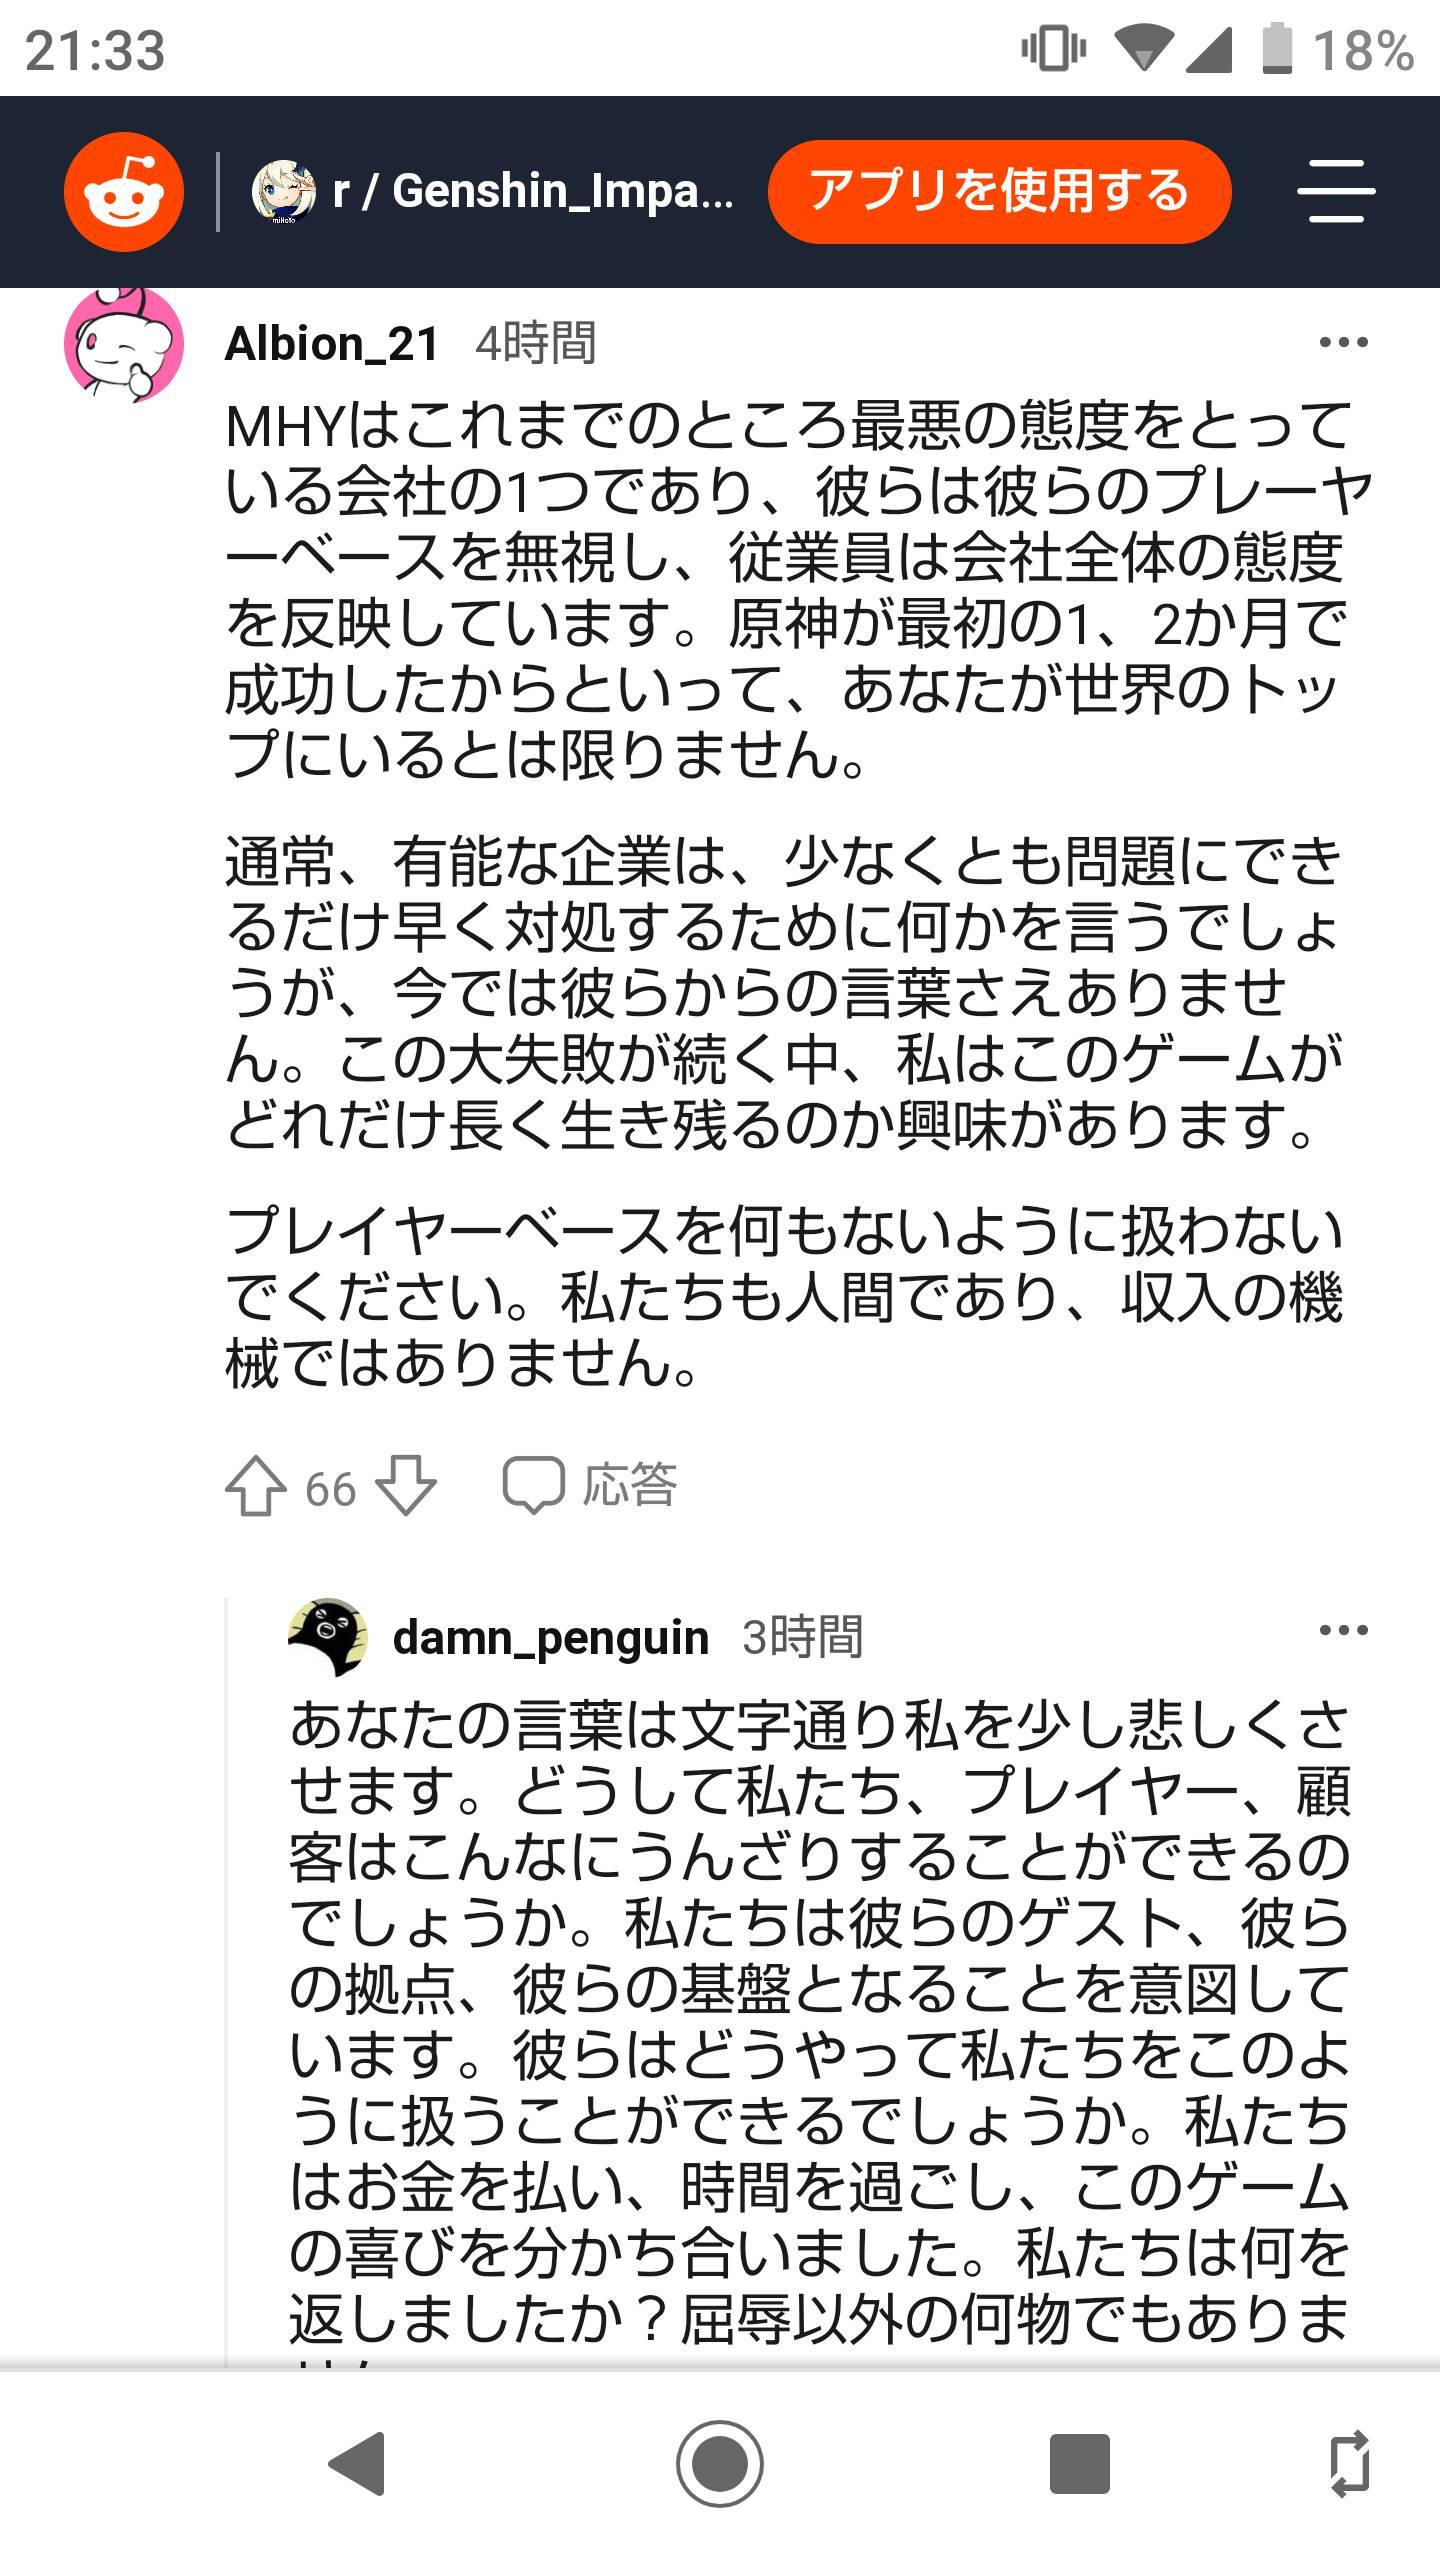 【原神】ショウリ問題は中国で大荒れ・・ 日本のほうが圧倒的平和なのかよ!?